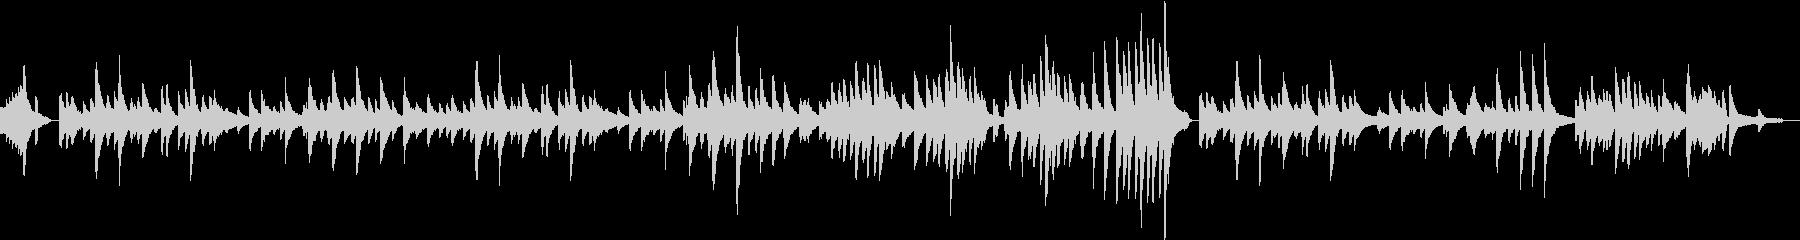 ロマンチックジャズバラード ピアノソロの未再生の波形